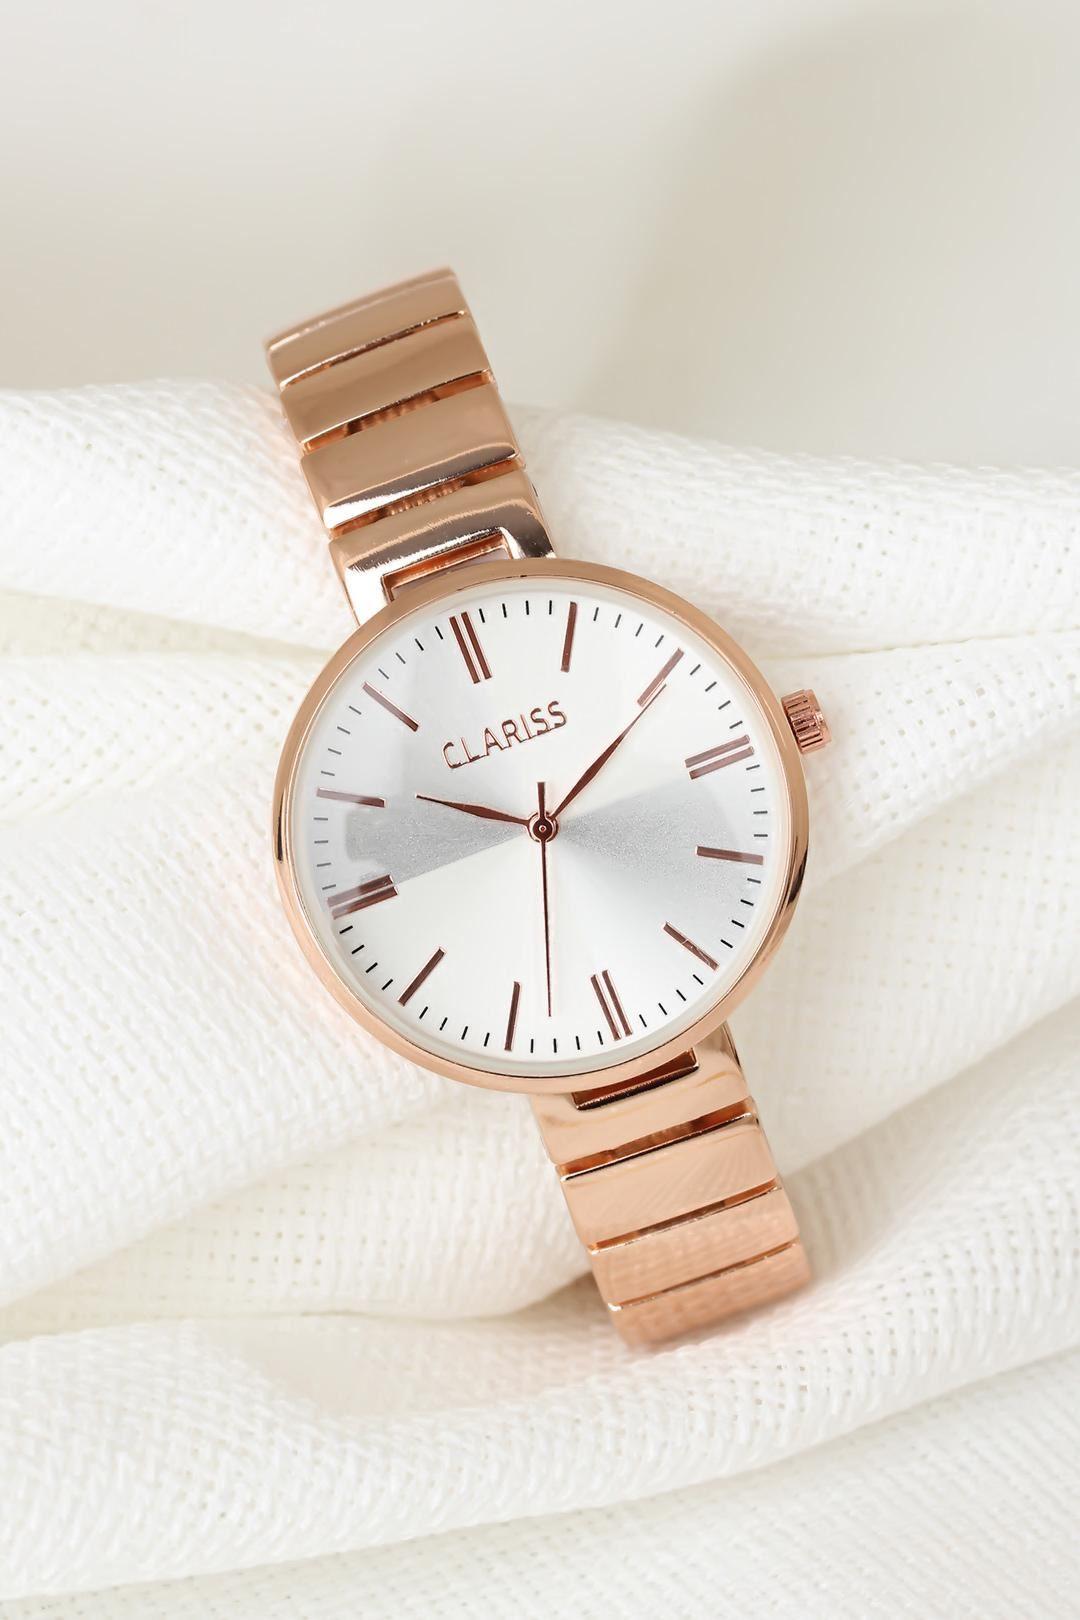 Rose Renk Metal Kordonlu Yeni Sezon Beyaz Renk İç Tasarımlı Bayan Clariss Marka Kol Saati